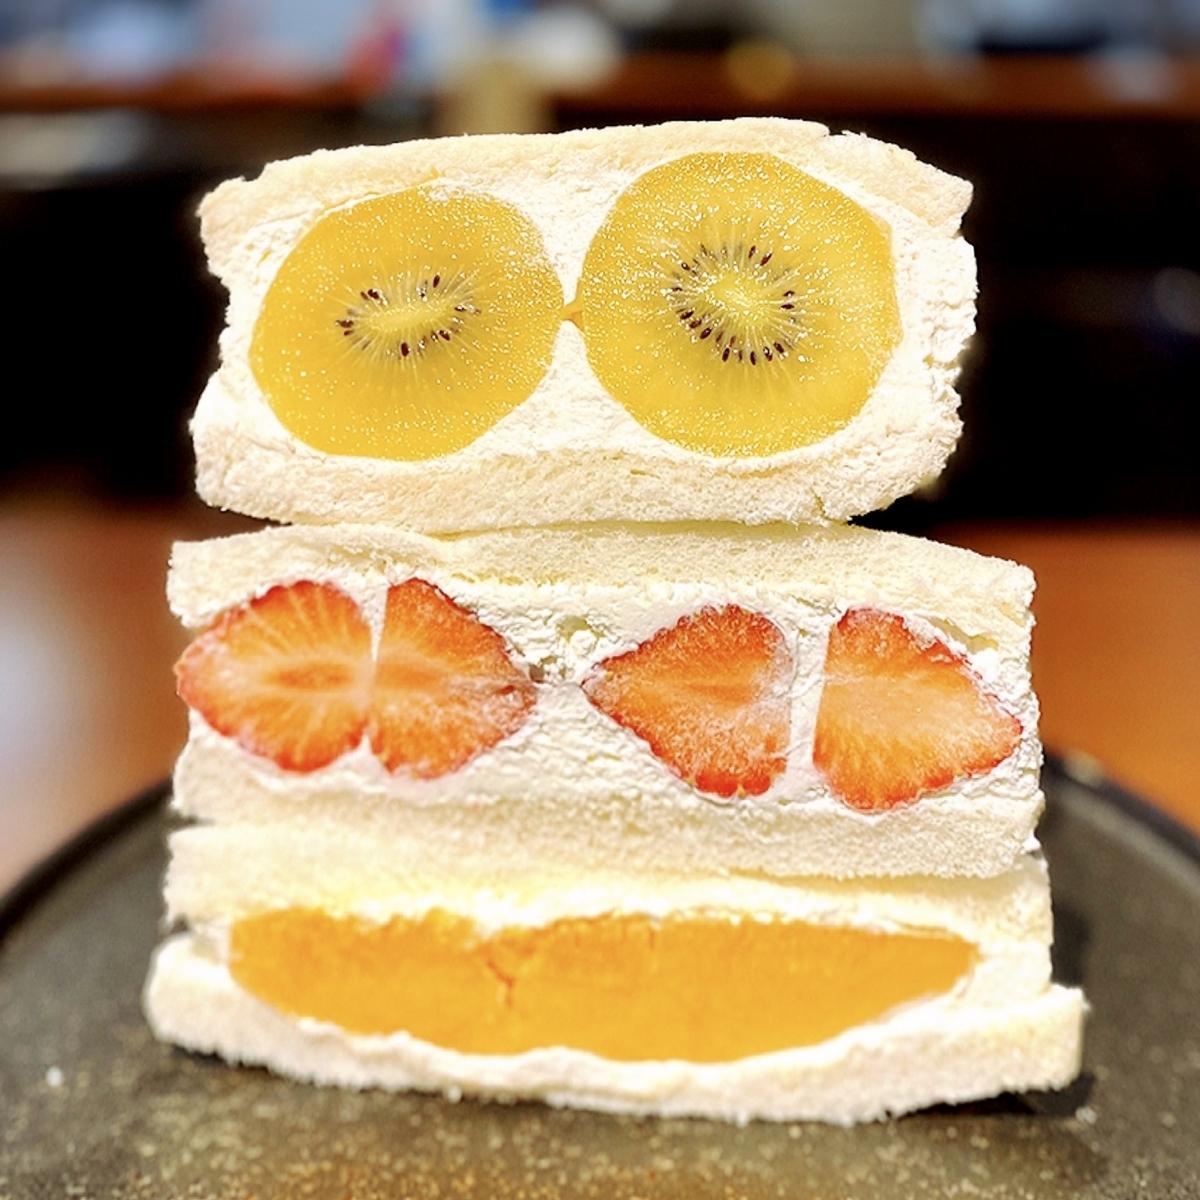 「下北果実」はひとりカフェからカフェデート、はたまたテイクアウトまでおすすめできるフルーツカフェ